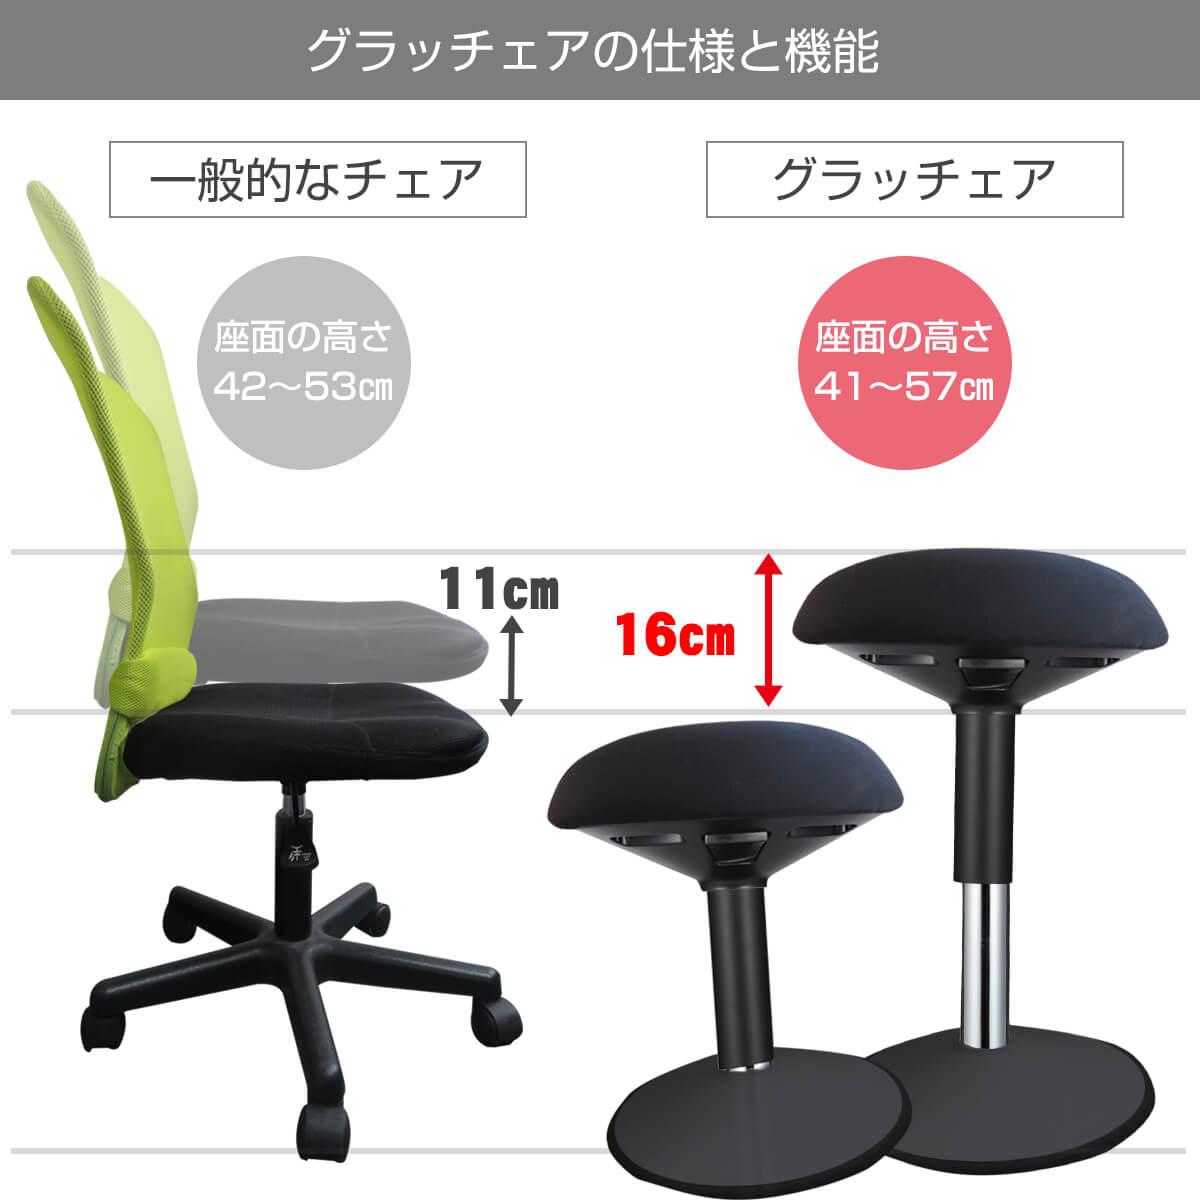 一般的な椅子より座面が高い